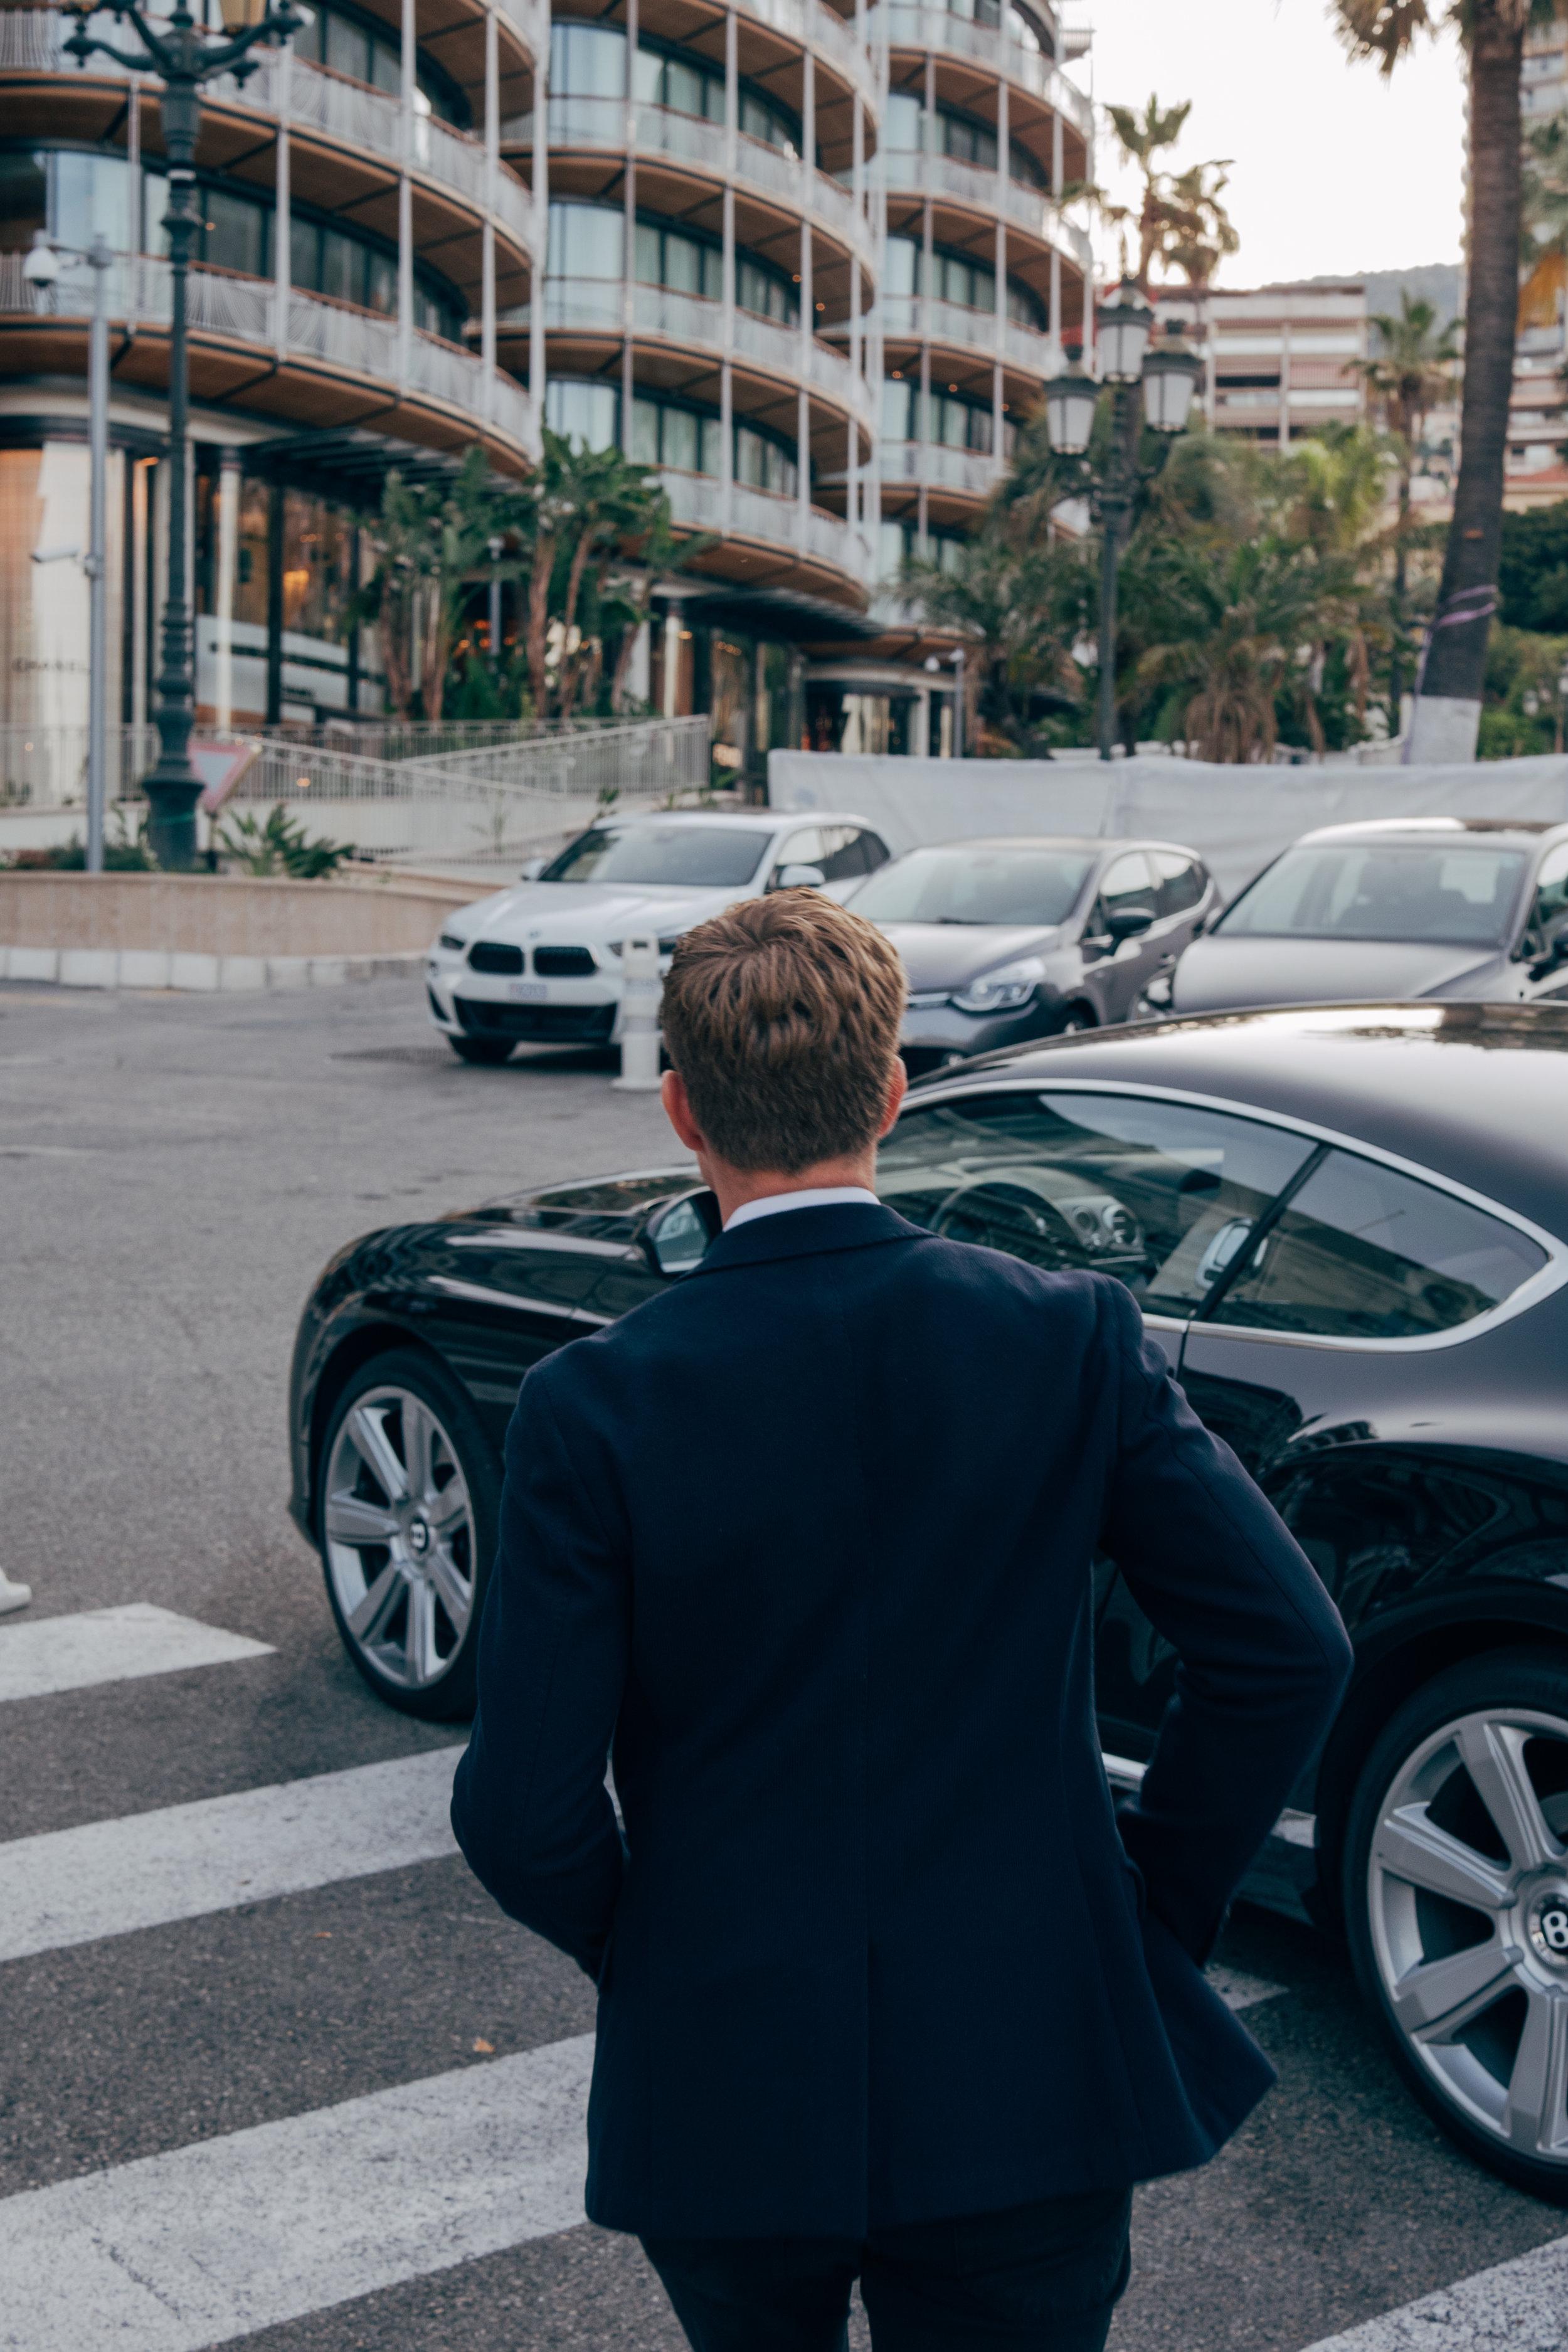 Monaco-1050169.jpg